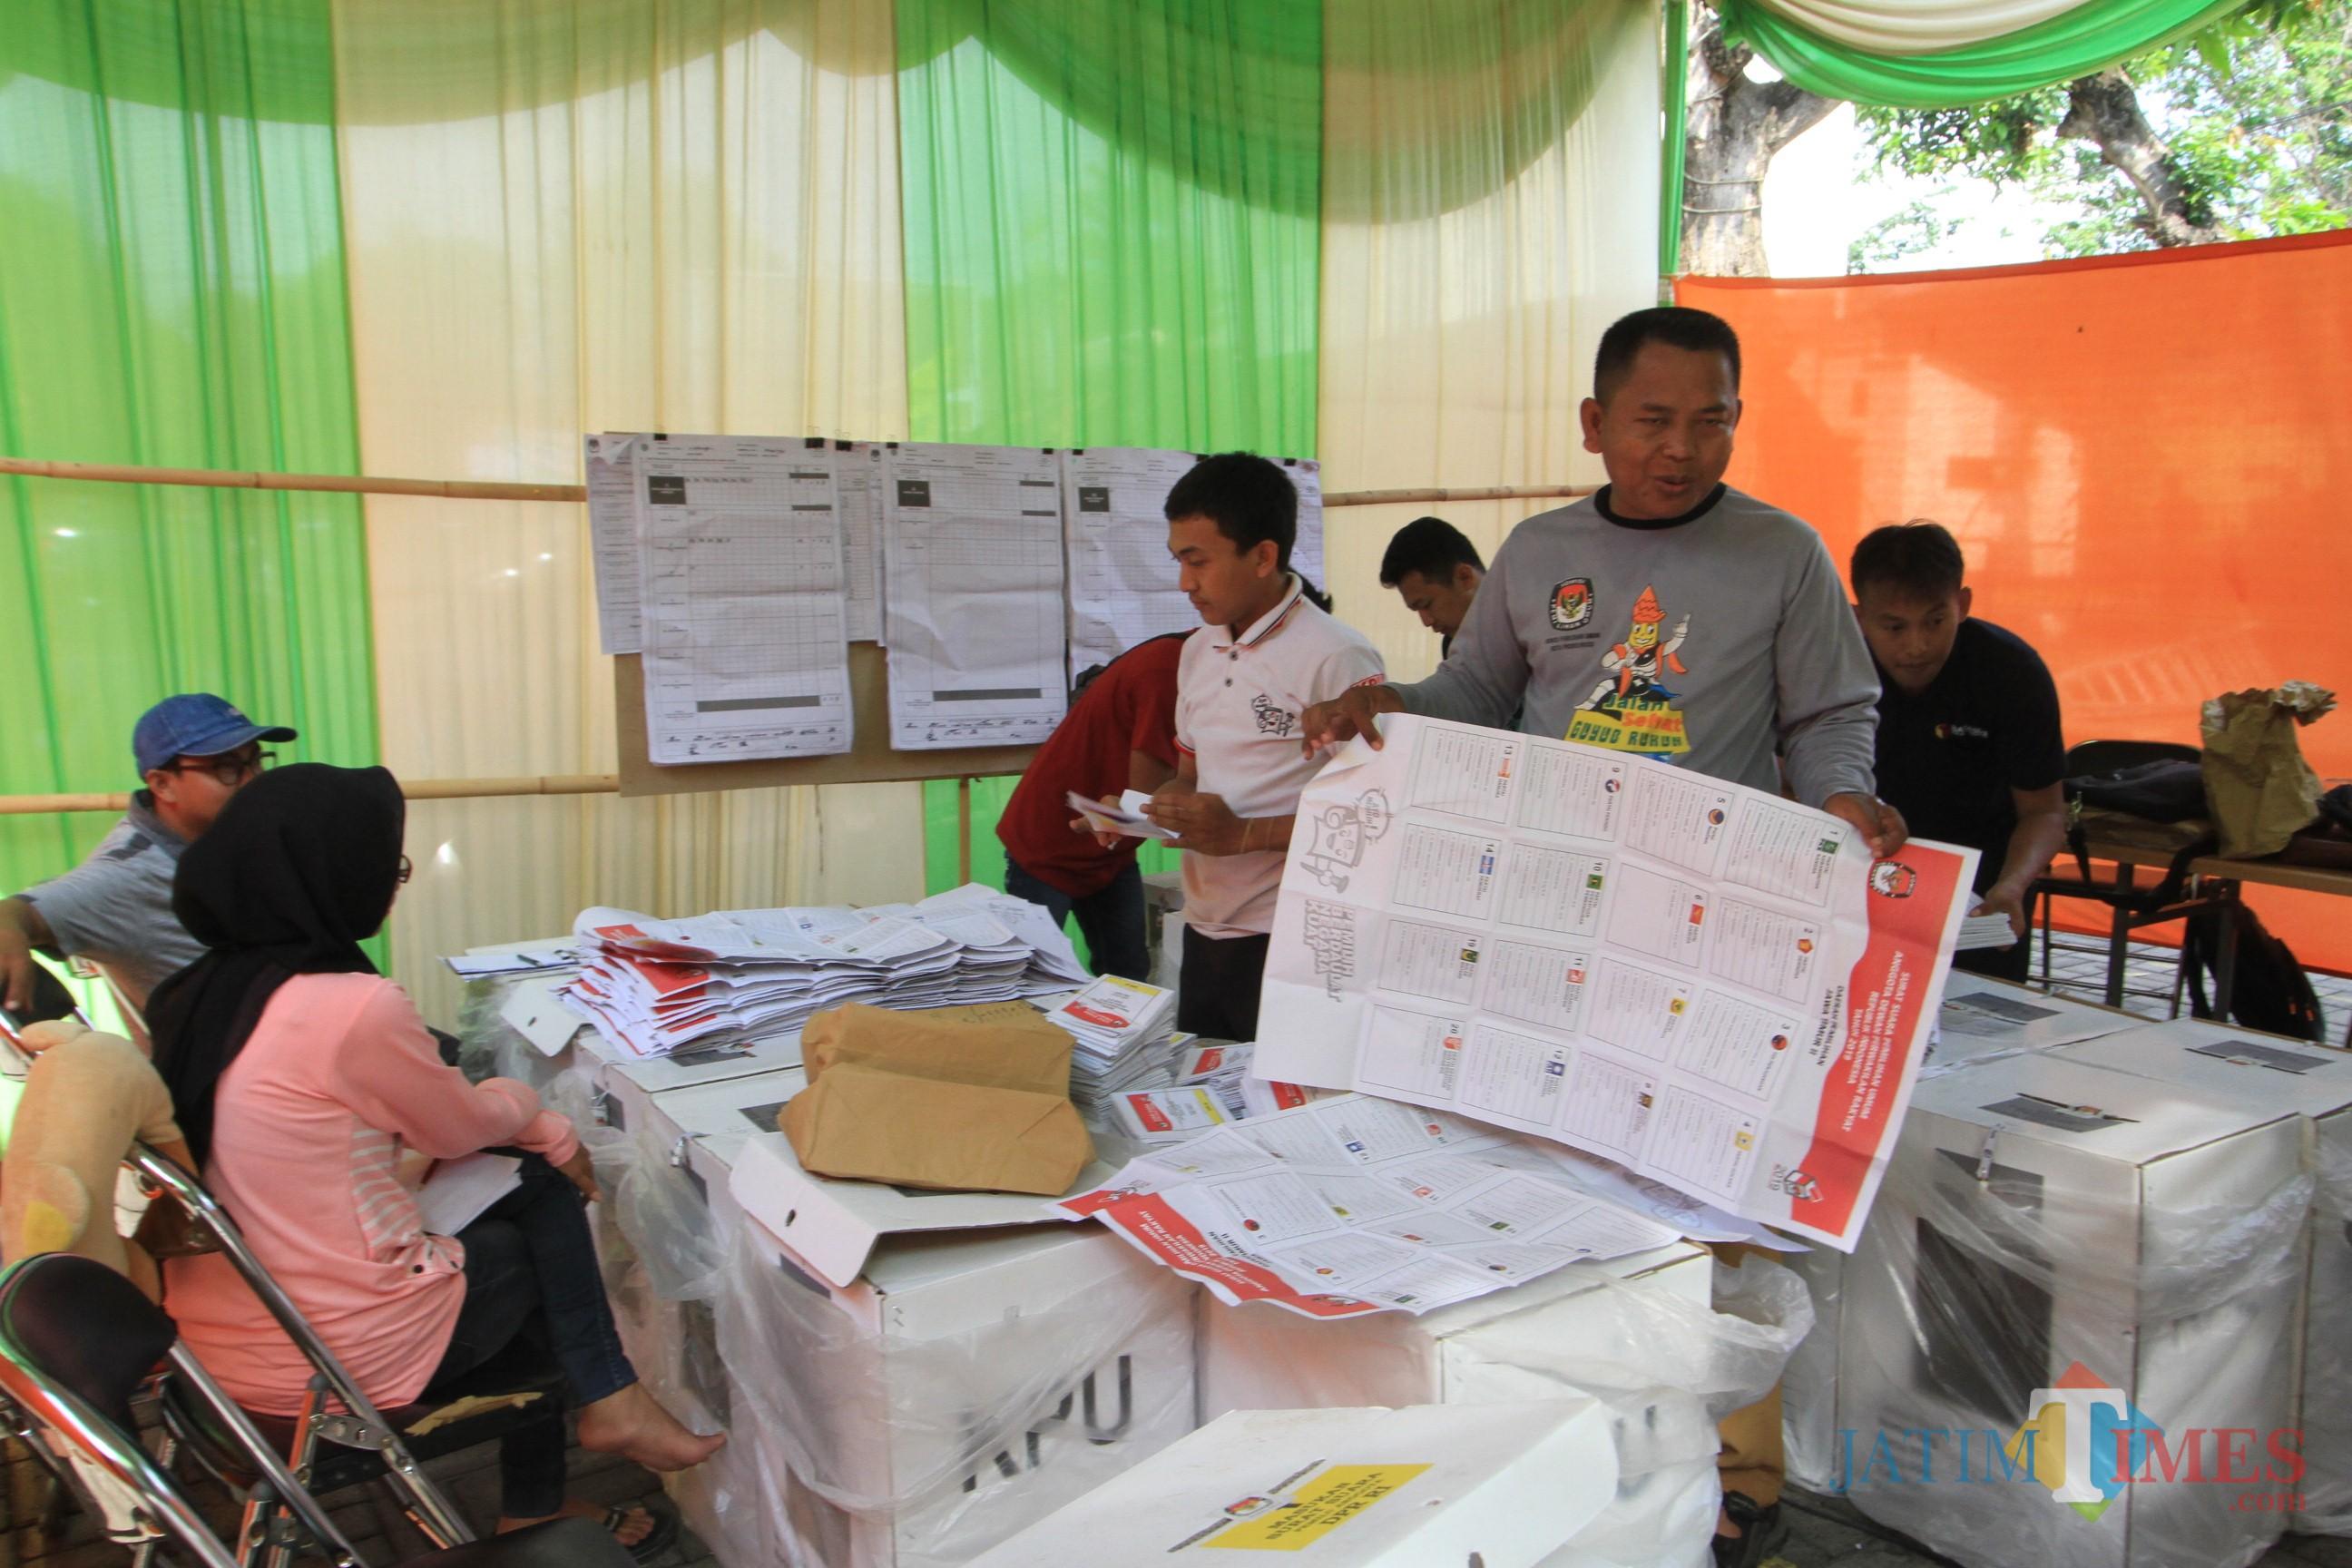 Petugas PPK Kecamatan Kademangan, membuka surat suara untuk diperiksa karena terjadi kesalahan (Agus Salam/Jatim TIMES)